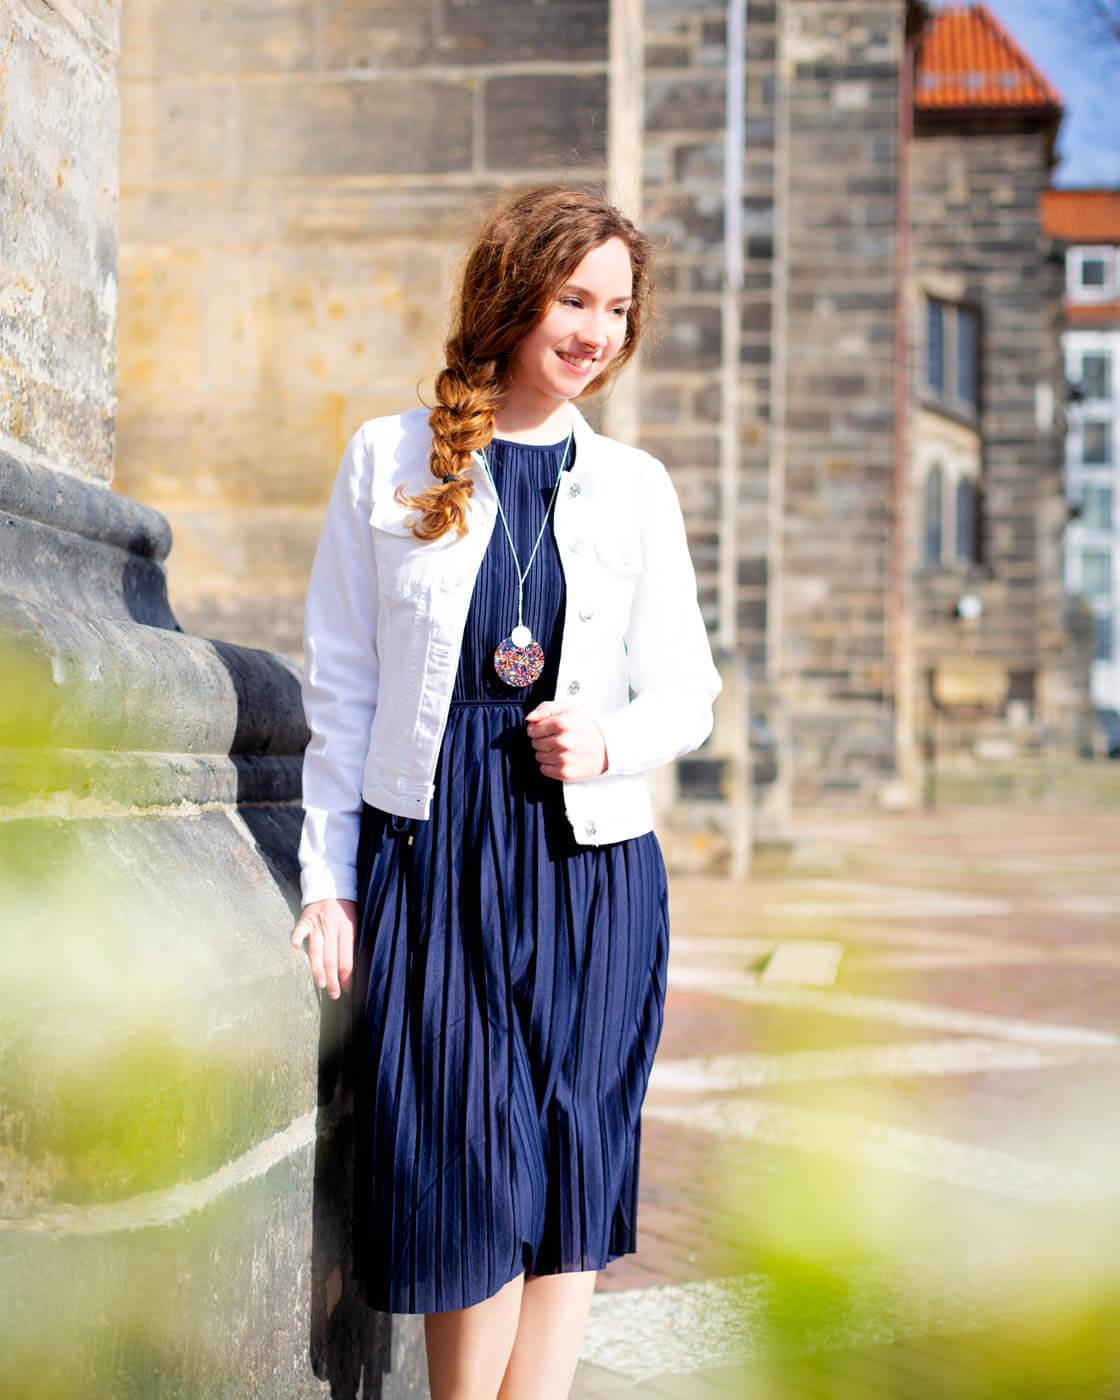 outfit zur konfirmation: was zieht man als gast an?